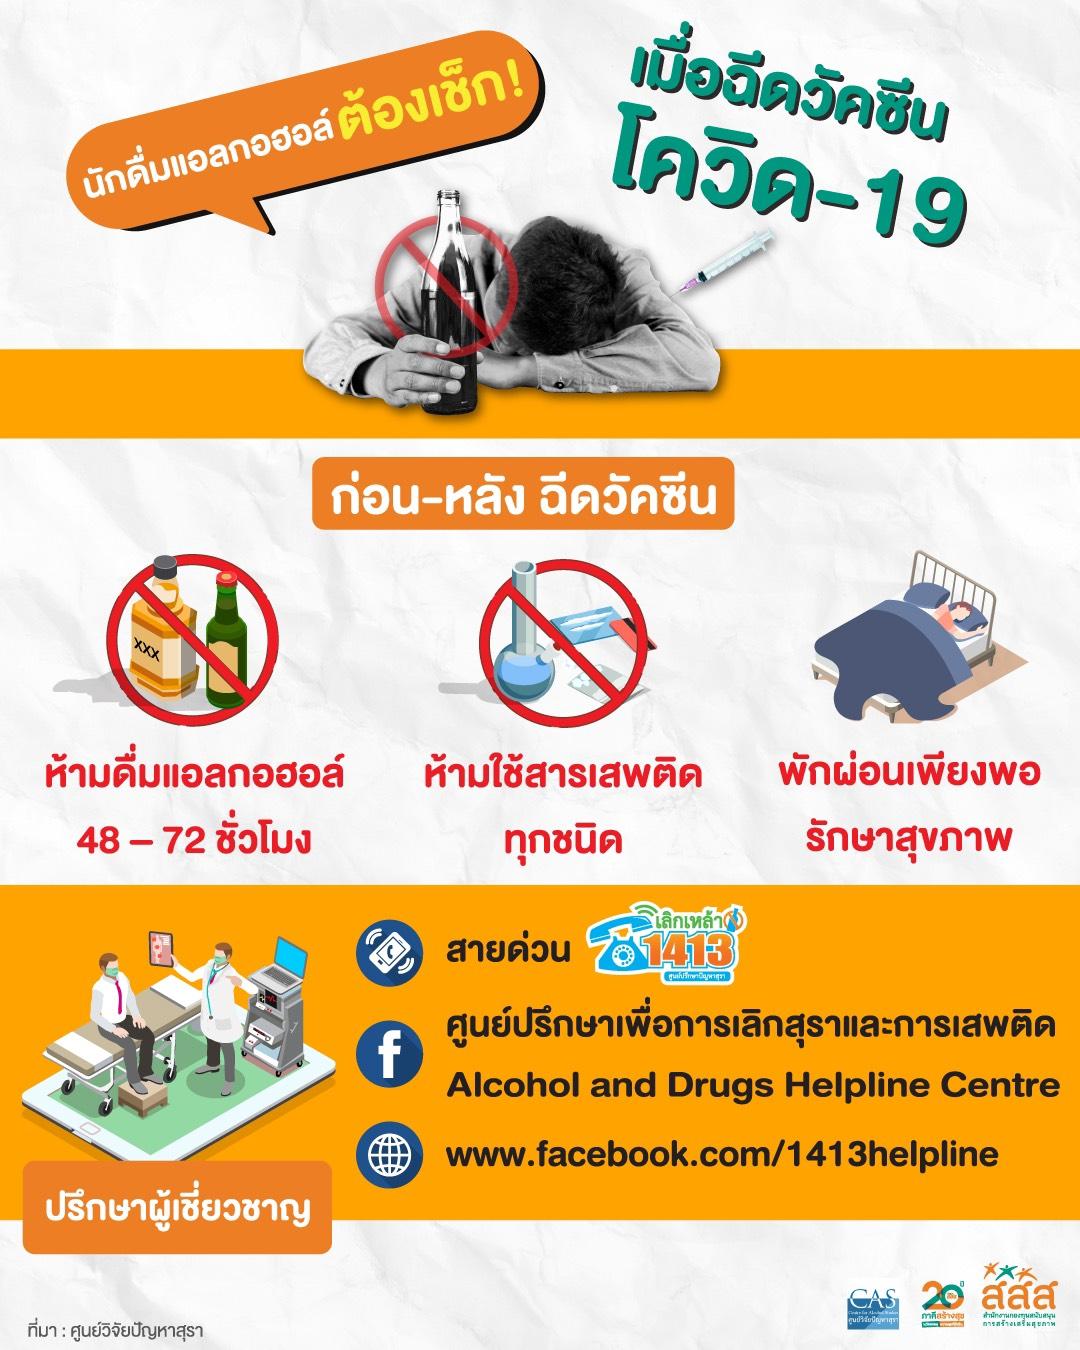 ดื่มน้ำเมาลดประสิทธิภาพวัคซีนโควิด-19 thaihealth